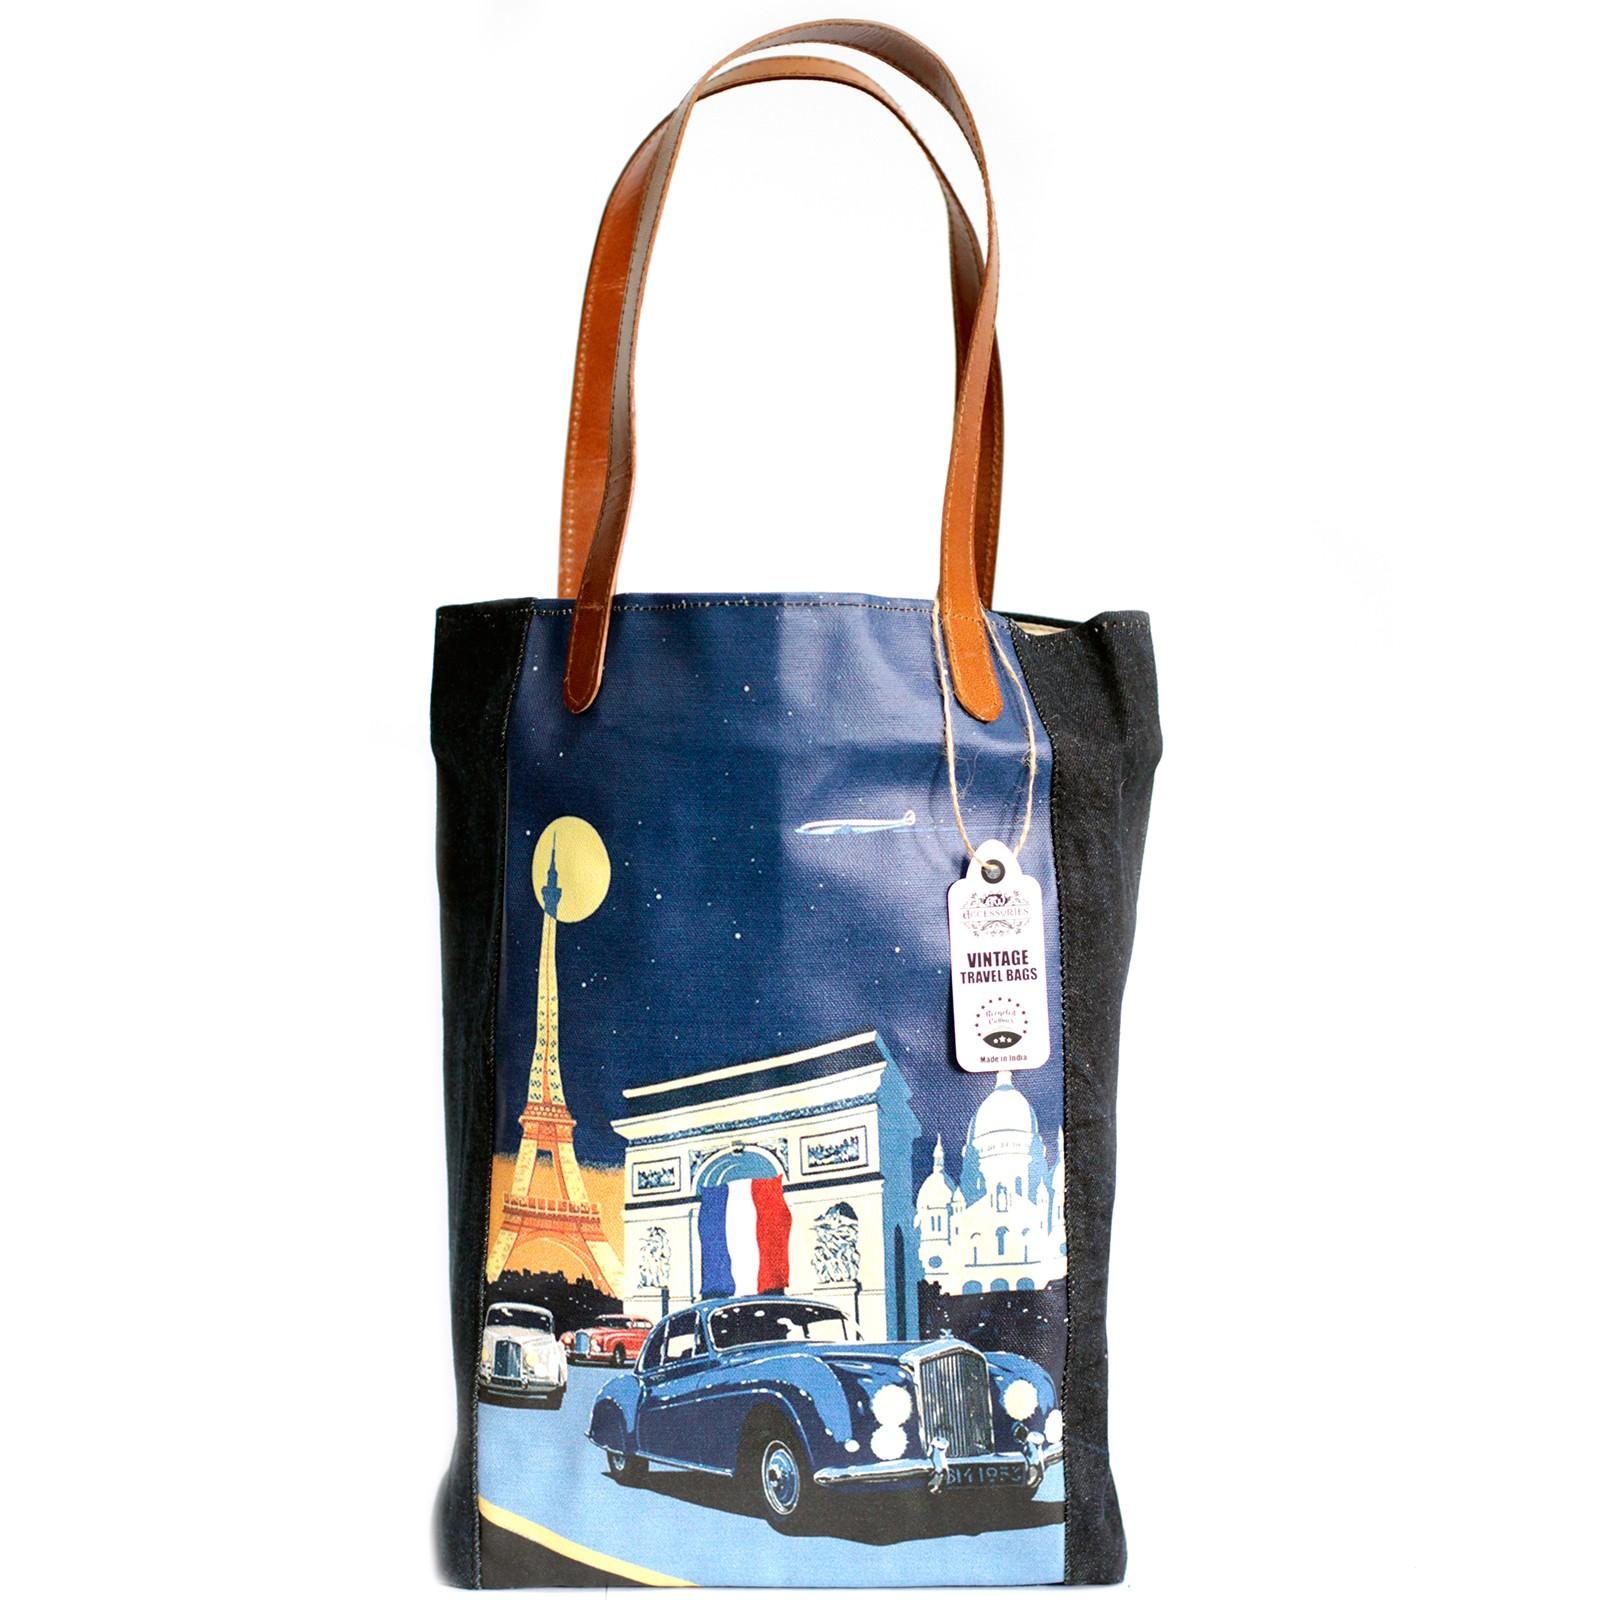 Vintage Travel Bag - Paris